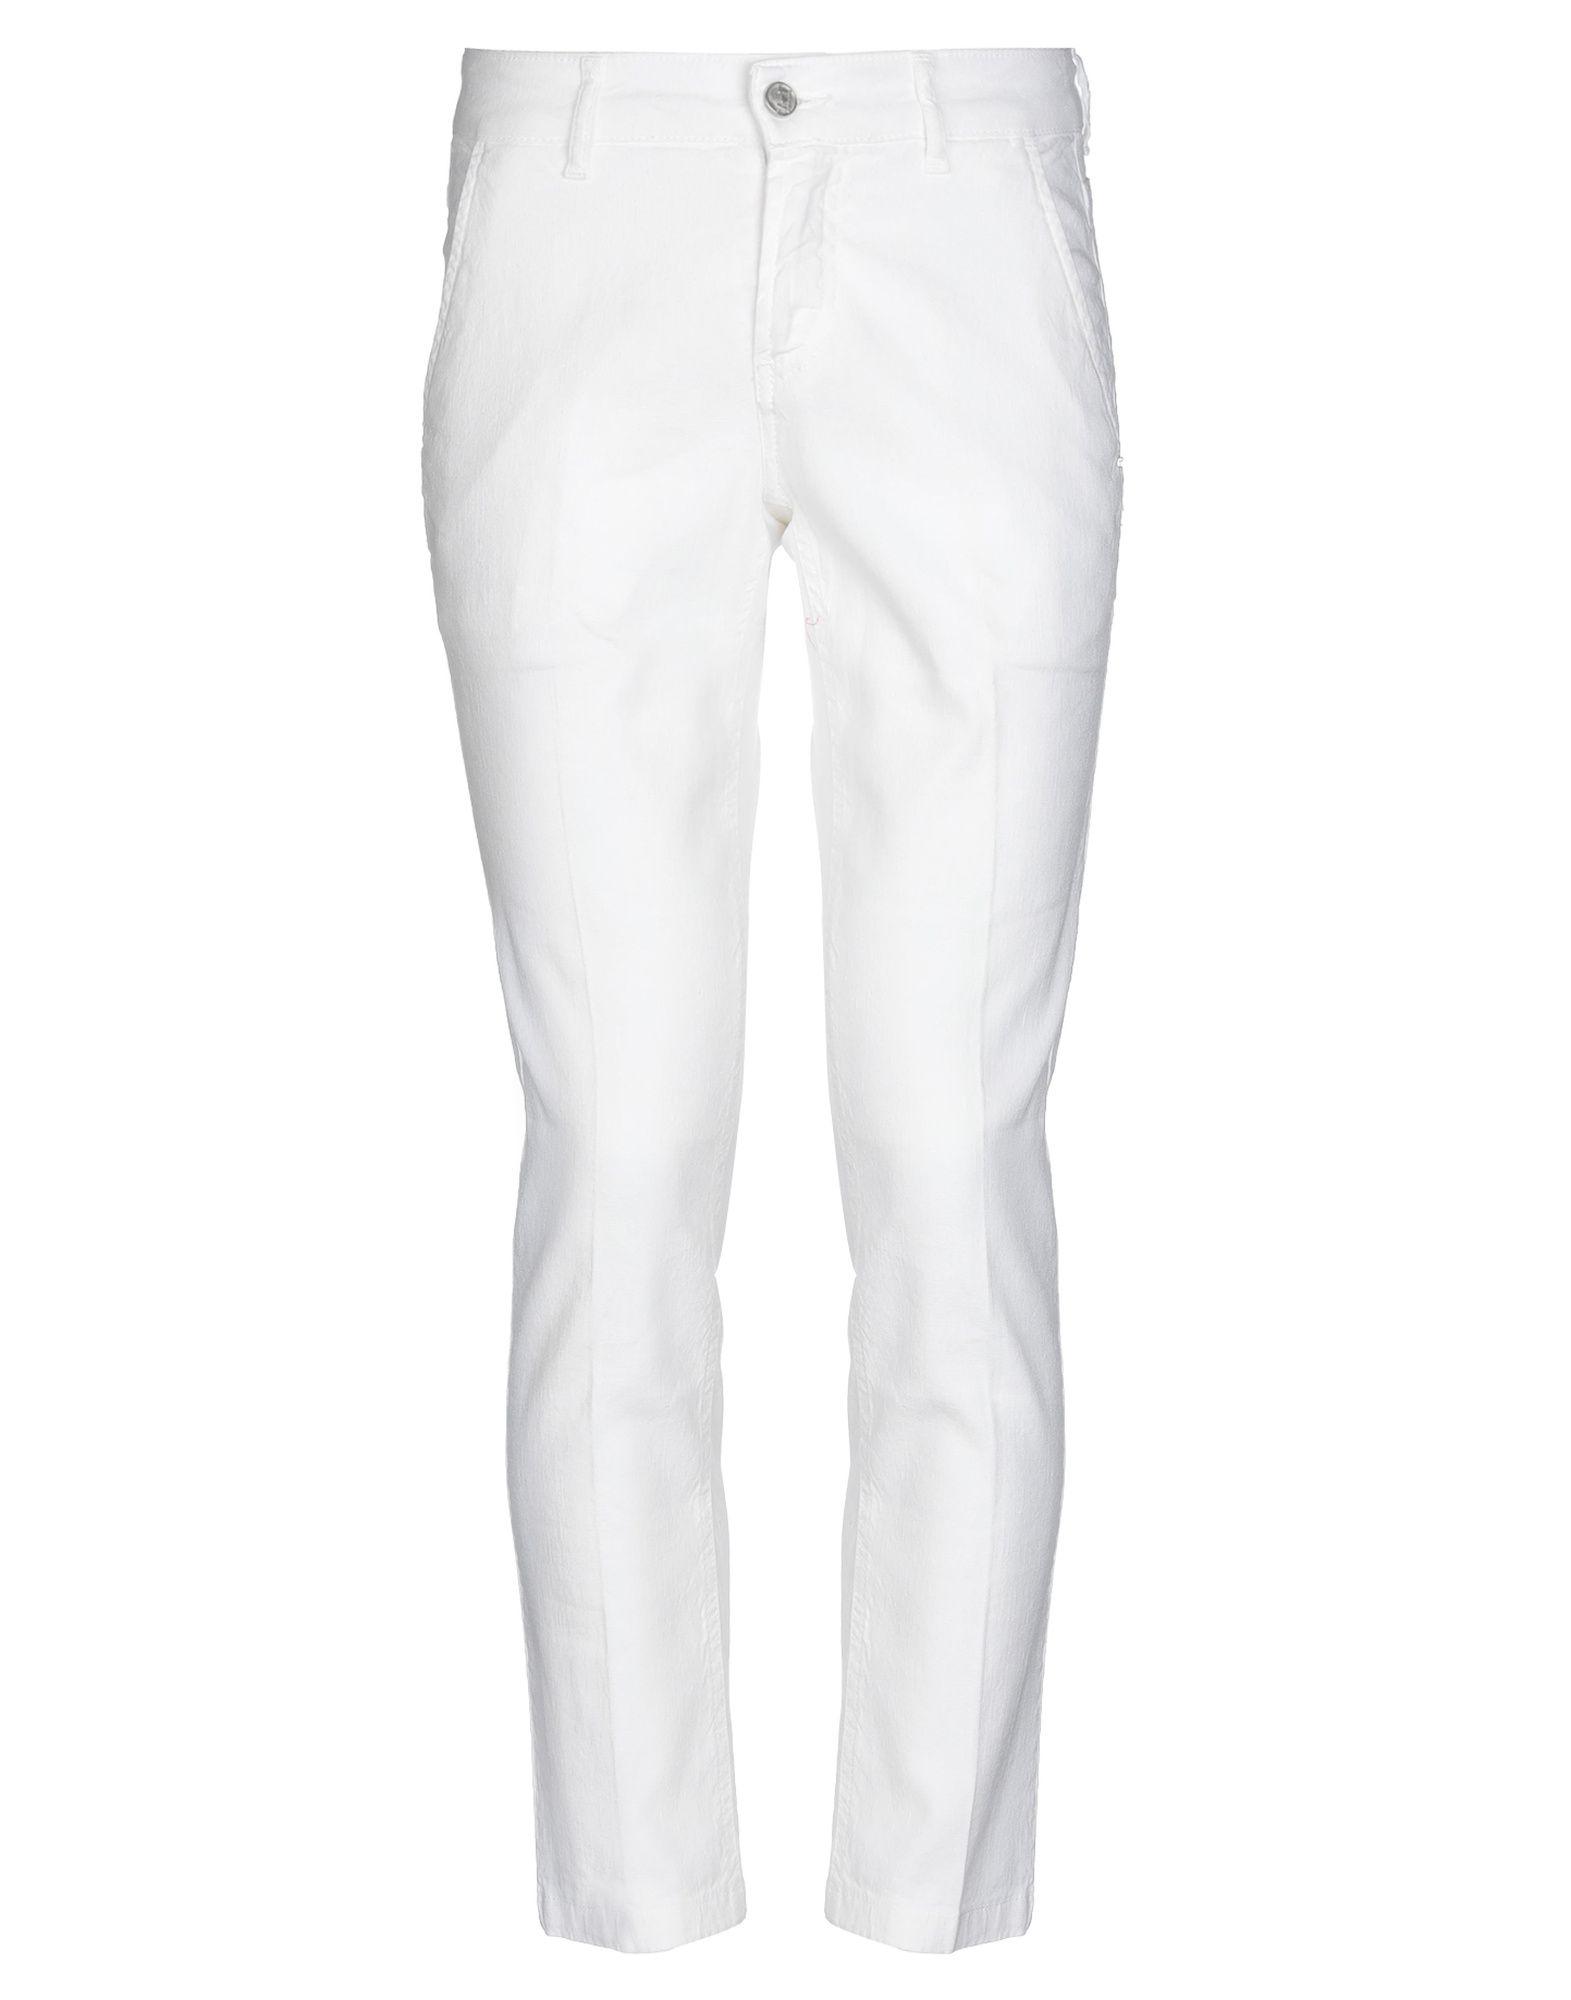 ENTRE AMIS Повседневные брюки шорты спортивные adidas originals adidas originals mp002xm0yief